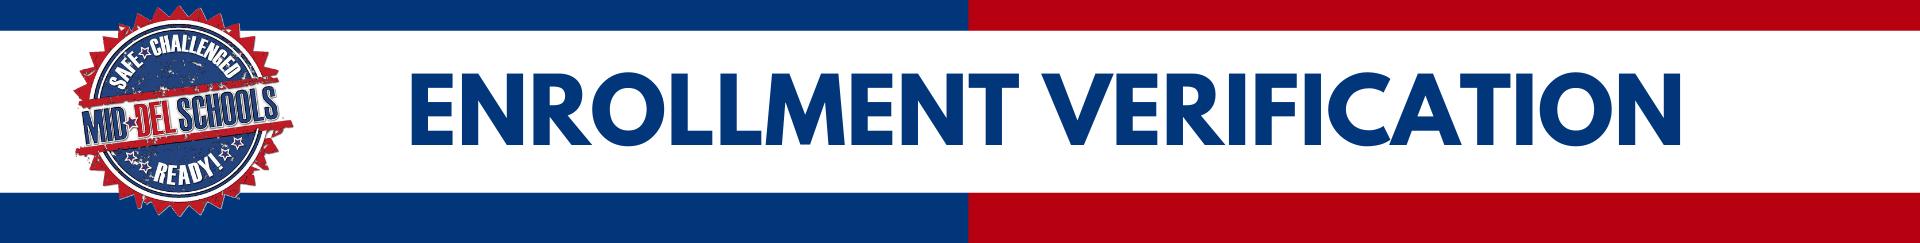 enrollment verificartion